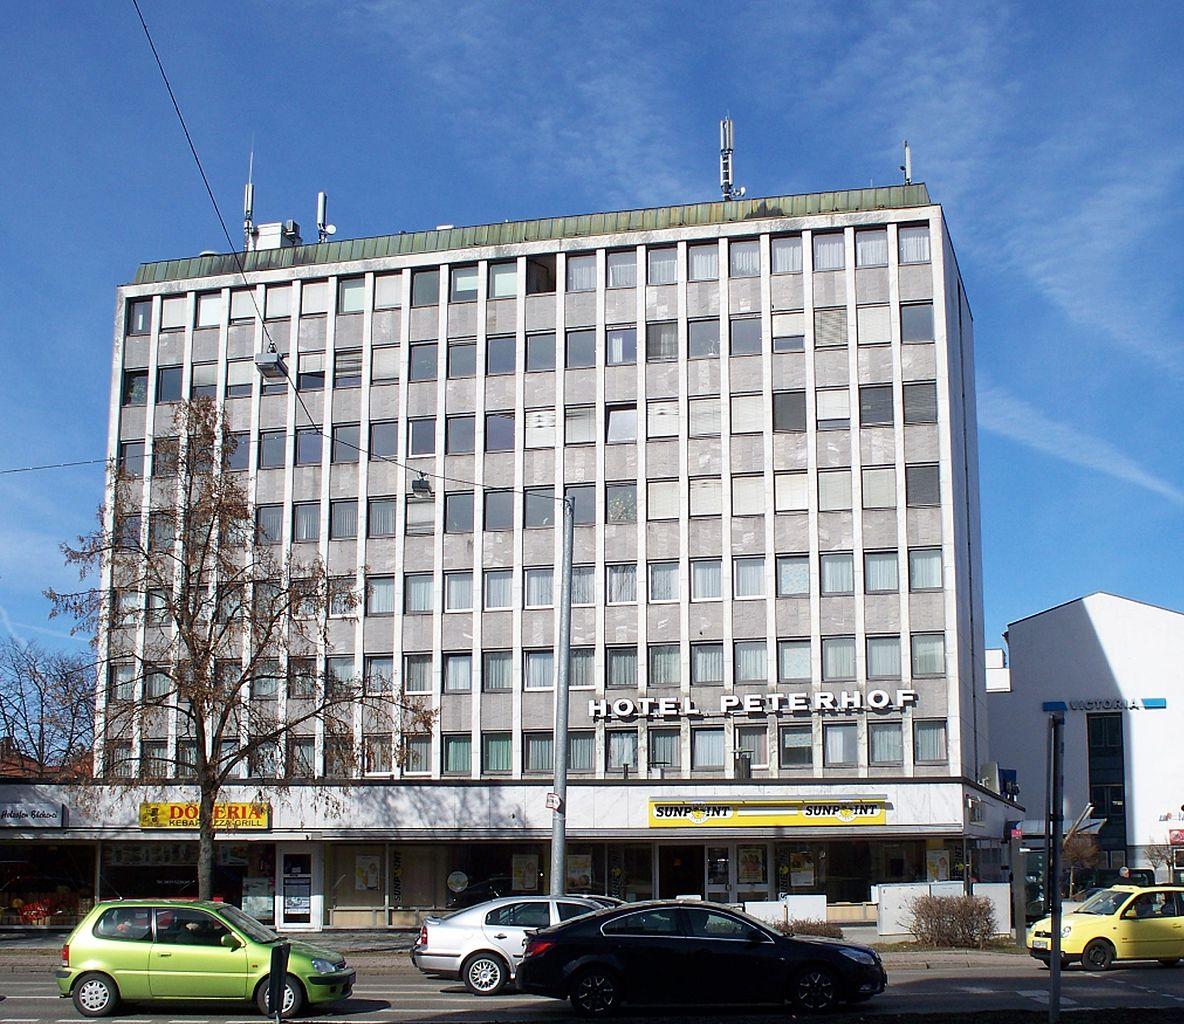 Hotel Peterhof Kempten Parken